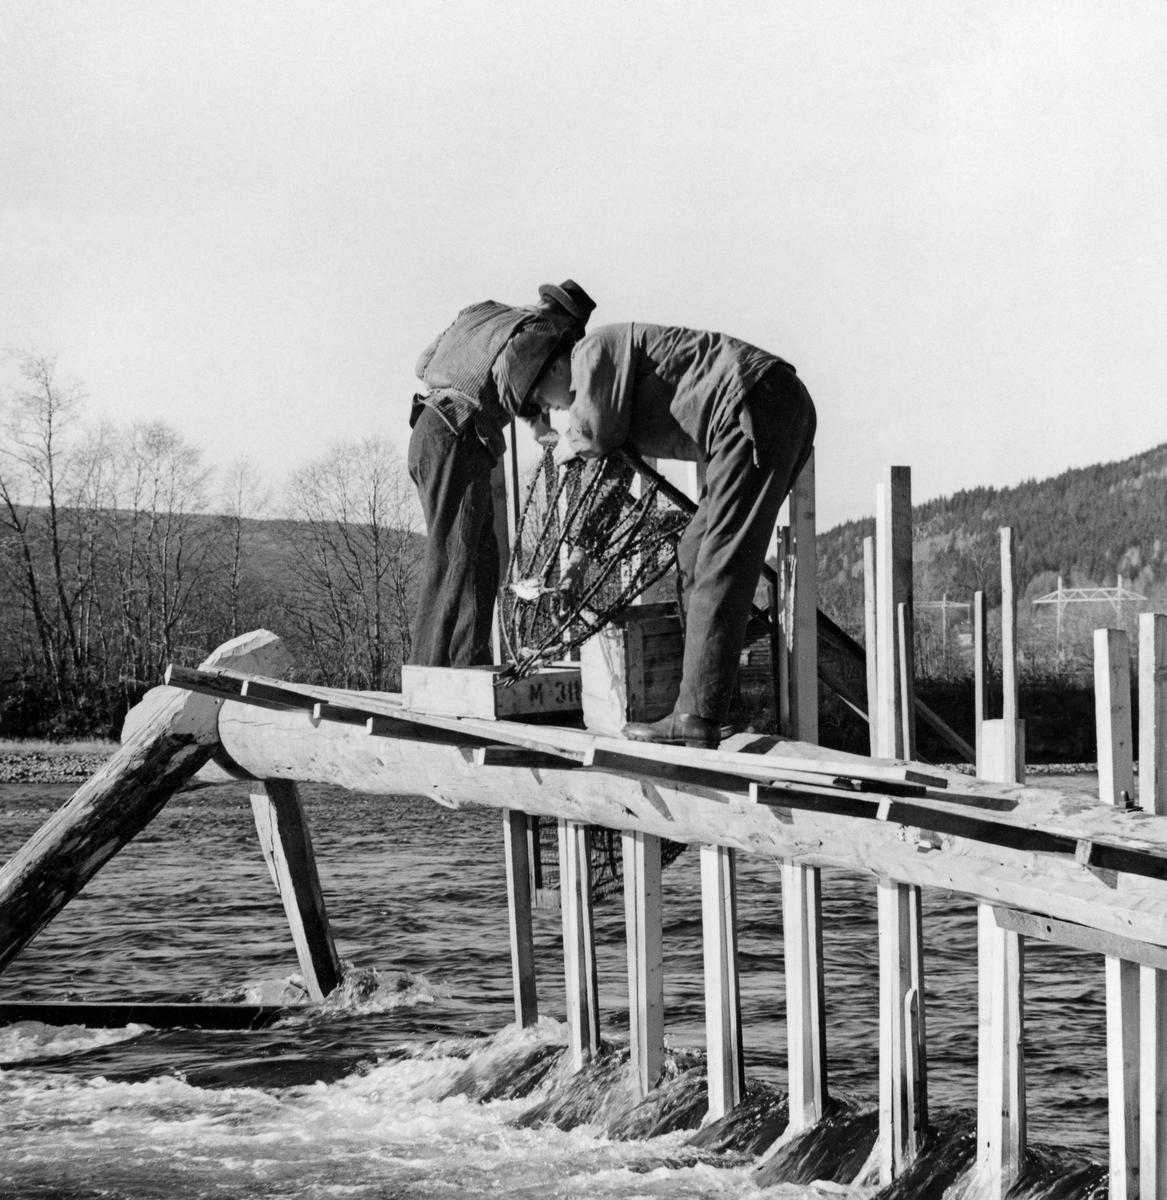 Tømming av «mæler» (ruser) på en såkalt «mælkrakk» på Øyra i Fåberg, i den nedre delen av Gudbrandsdalslågen.  Her ser vi to karer på «gonga» (gangbanen) på den ytre delen av fangstinnretningen.  En av dem sto bøyd over en mæl, antakelig for å kunne plukke fisk ut av fangstkammeret.  Øvde fiskere kunne ellers overføre mesteparten av fangsten fra mælene til fiskekasser (som her) eller sniker (bæreredskaper av flettverk) ved å gjøre et par raske kast med mælene.  Dette kaltes å «skrulle» eller «vrenge».  Mælkrakken var et stativ som ble oppstilt vinkelrett fra elvebredden og utover i forholdsvis hurtigstrømmende vann.  På motstrøms side av dette stativet ble det montert ei lang rekke av «mæler» – en lokal betegnelse på rusene som ble brukt under dette fisket.  Disse innstengingsinnretningene sto tett i tett med de traktformete «inngangene» til fangstkamrene på den sida som vendte nedover i vassdraget.  Mælkrakkene var med andre ord et redskap som fisket lågåsild (Coregonus albula) når fisken var på veg oppover Lågen for å gyte.  Dette skjedde i høstsesongen når vanntemperaturen sank til 6-7 grader, vanligvis omkring månedsskiftet september-oktober.  Dette fotografiet viser den ytre delen av mælkrakken som ble brukt på Øyra da Tore Fossum og Norsk Skogbruksmuseum organiserte opptak til en dokumentasjonsfilm om lågåsildfisket i 1962-63.  Det største elementet i en mælkrakk var en 10-20 meter lang tømmerstokk.  Denne stokken skulle stilles slik at den ble stående minst en meter over det strømmende vannet, med den tunge rotenden ytterst og den lettere toppenden inne på elvebredden.  Rotenden kvilte på skråttstilte bein – «stetter» – som ble gradet inn i yteveden på tømmerstokken og forbundet ved hjelp av et tverrtre, en såkalt «bordås».  Bærekonstruksjonen for den ytre delen av mælkrakken fikk med andre ord en slags A-form, men den stetten (beinet) som skulle stå nederst var vanligvis noe grovere og lengre enn den øvre, for her var belastningen fra det strømmende vannet s